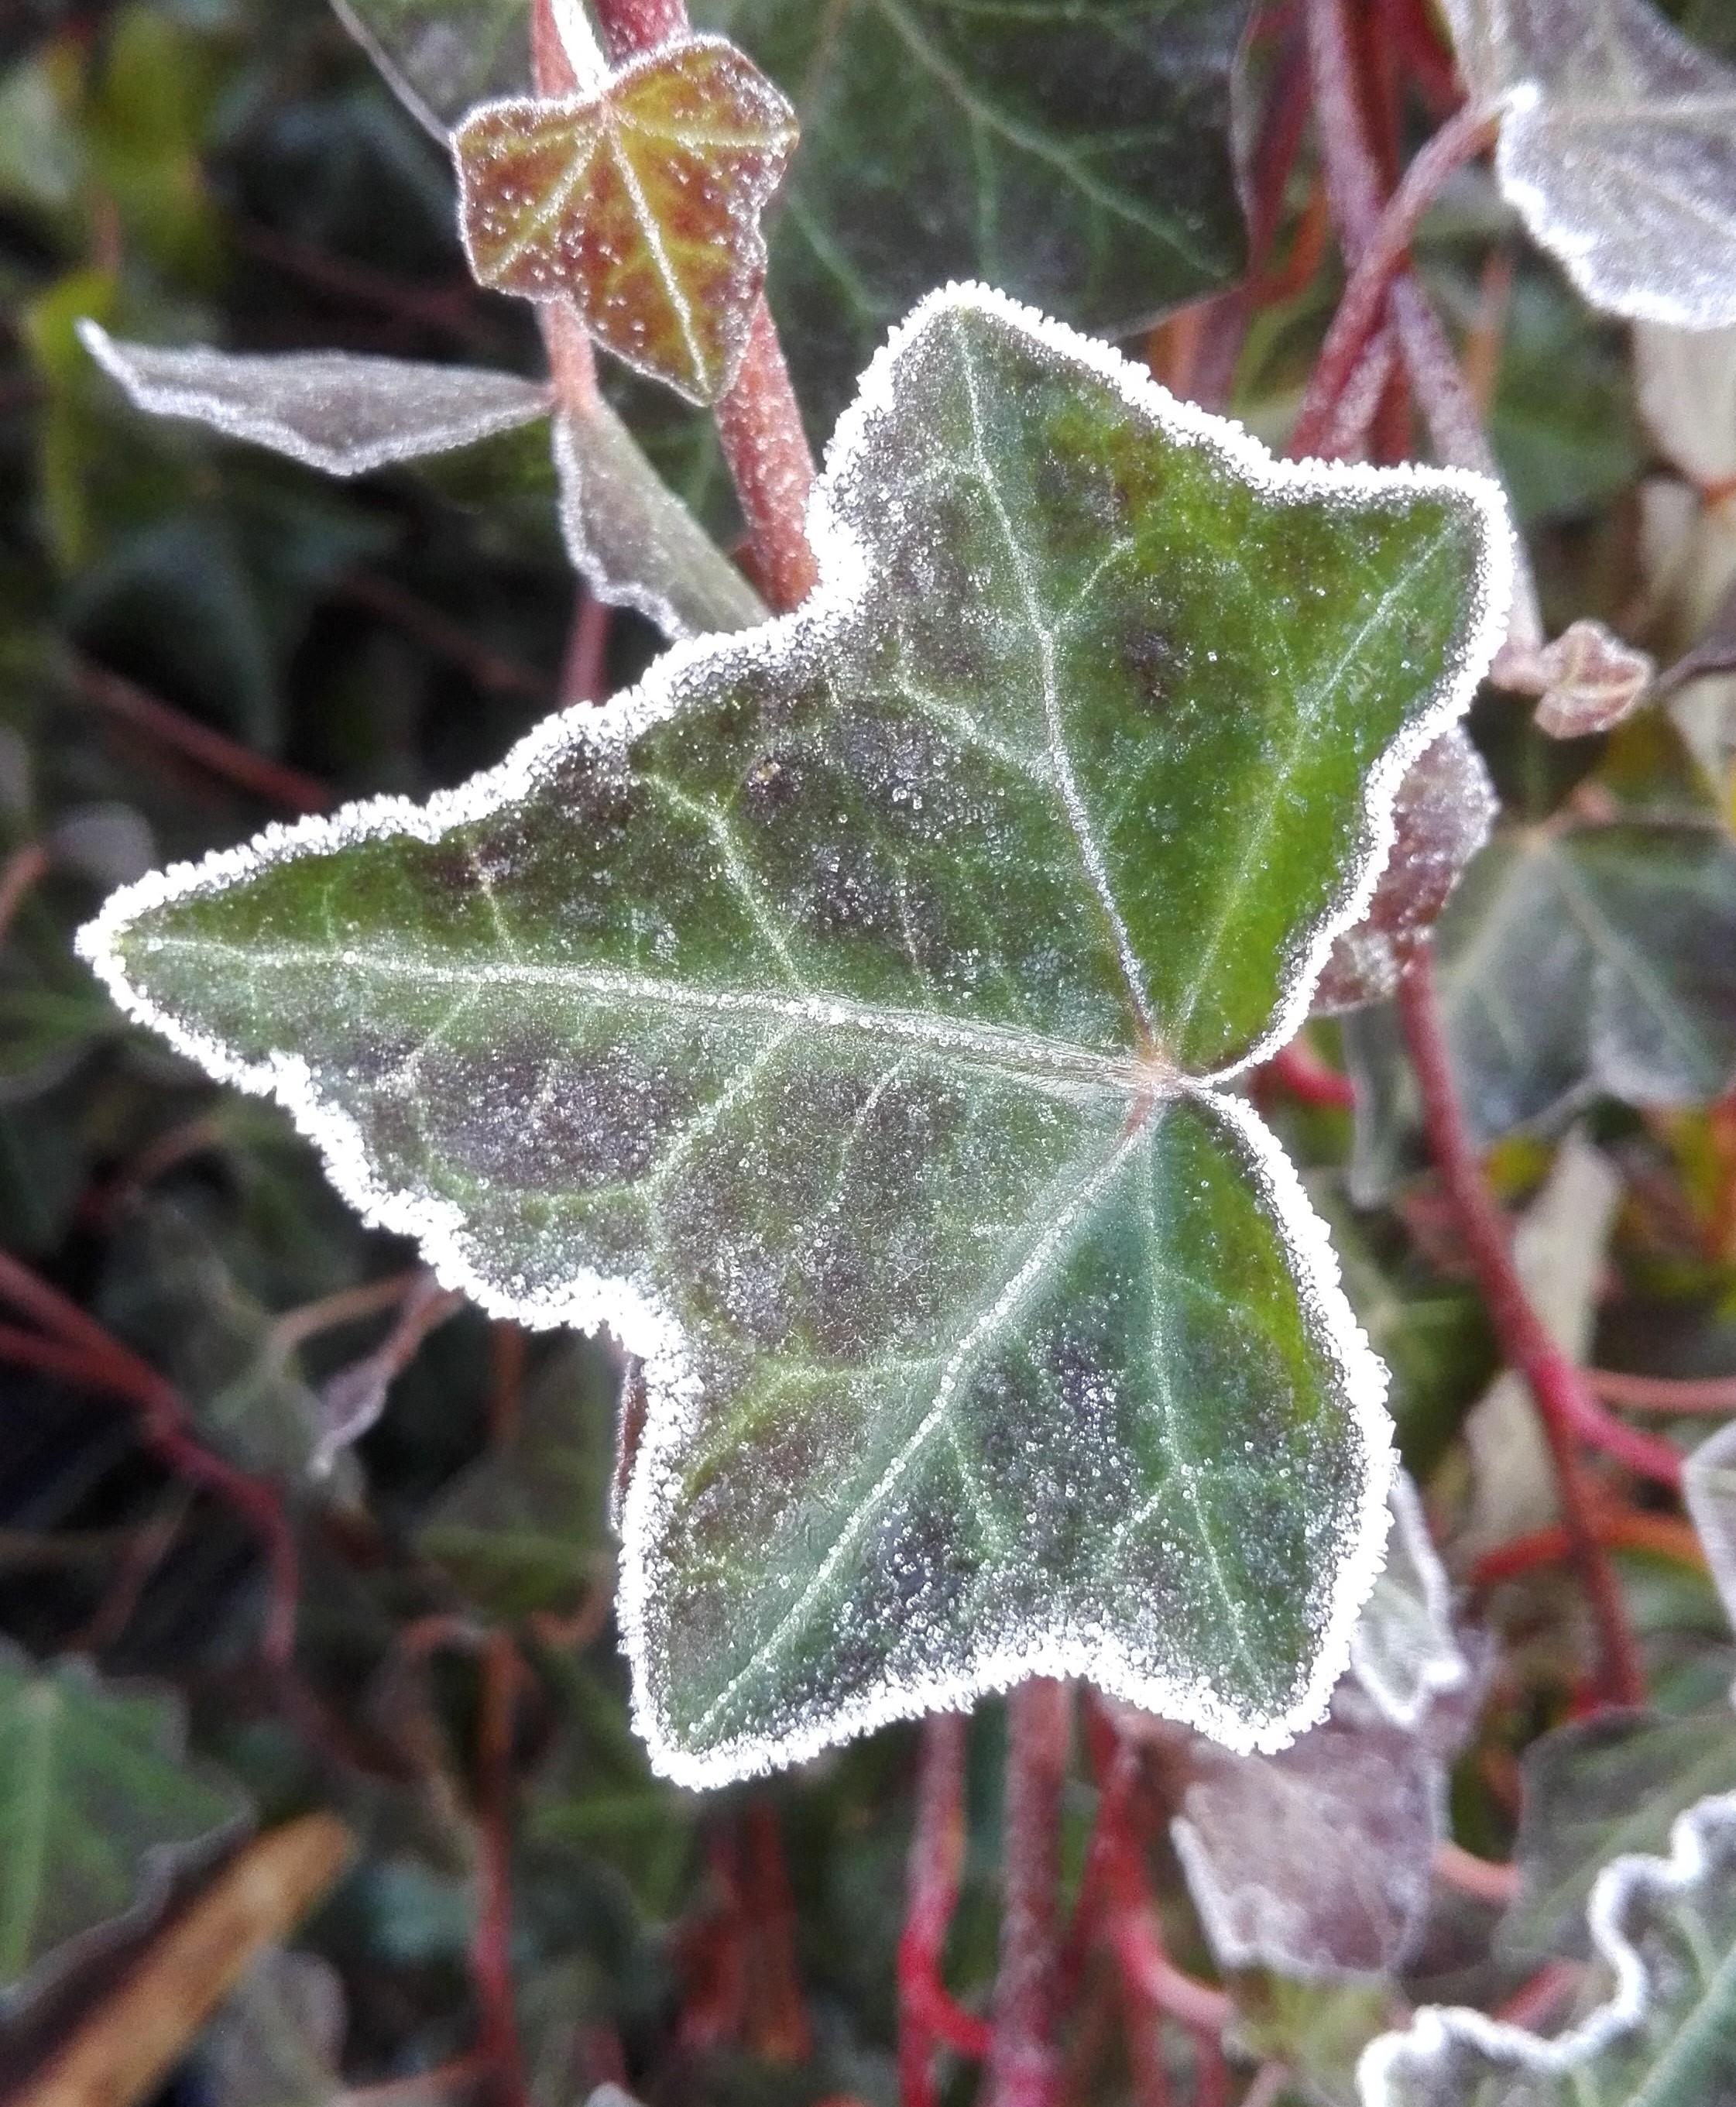 Ierse klimop of Hedera hibernica in winter (met rijp op het blad)